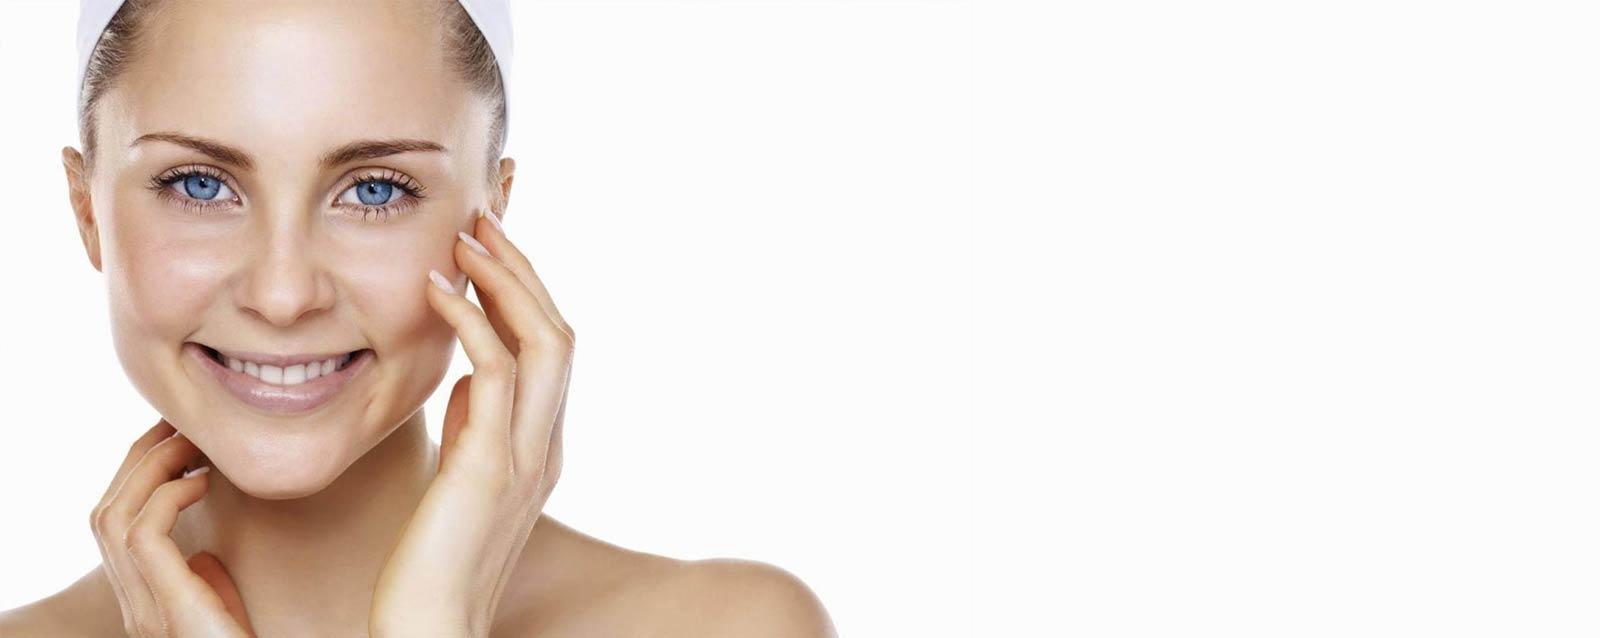 Protocolos ADCOS e Endophoton Hidratação - Facial